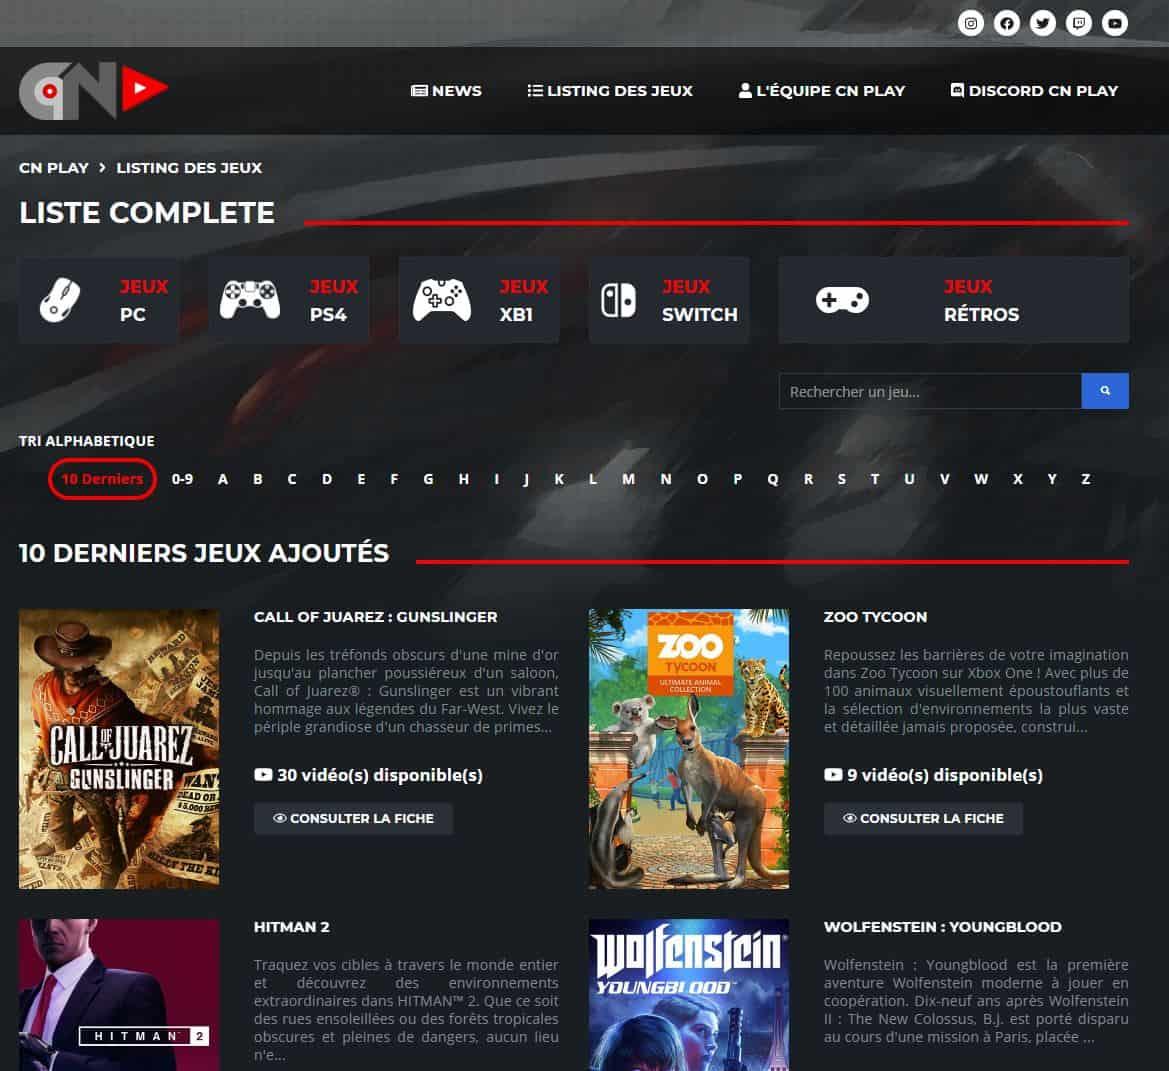 L'interface de CN Play réalisée sur mesure est particulièrement réussite, non ?